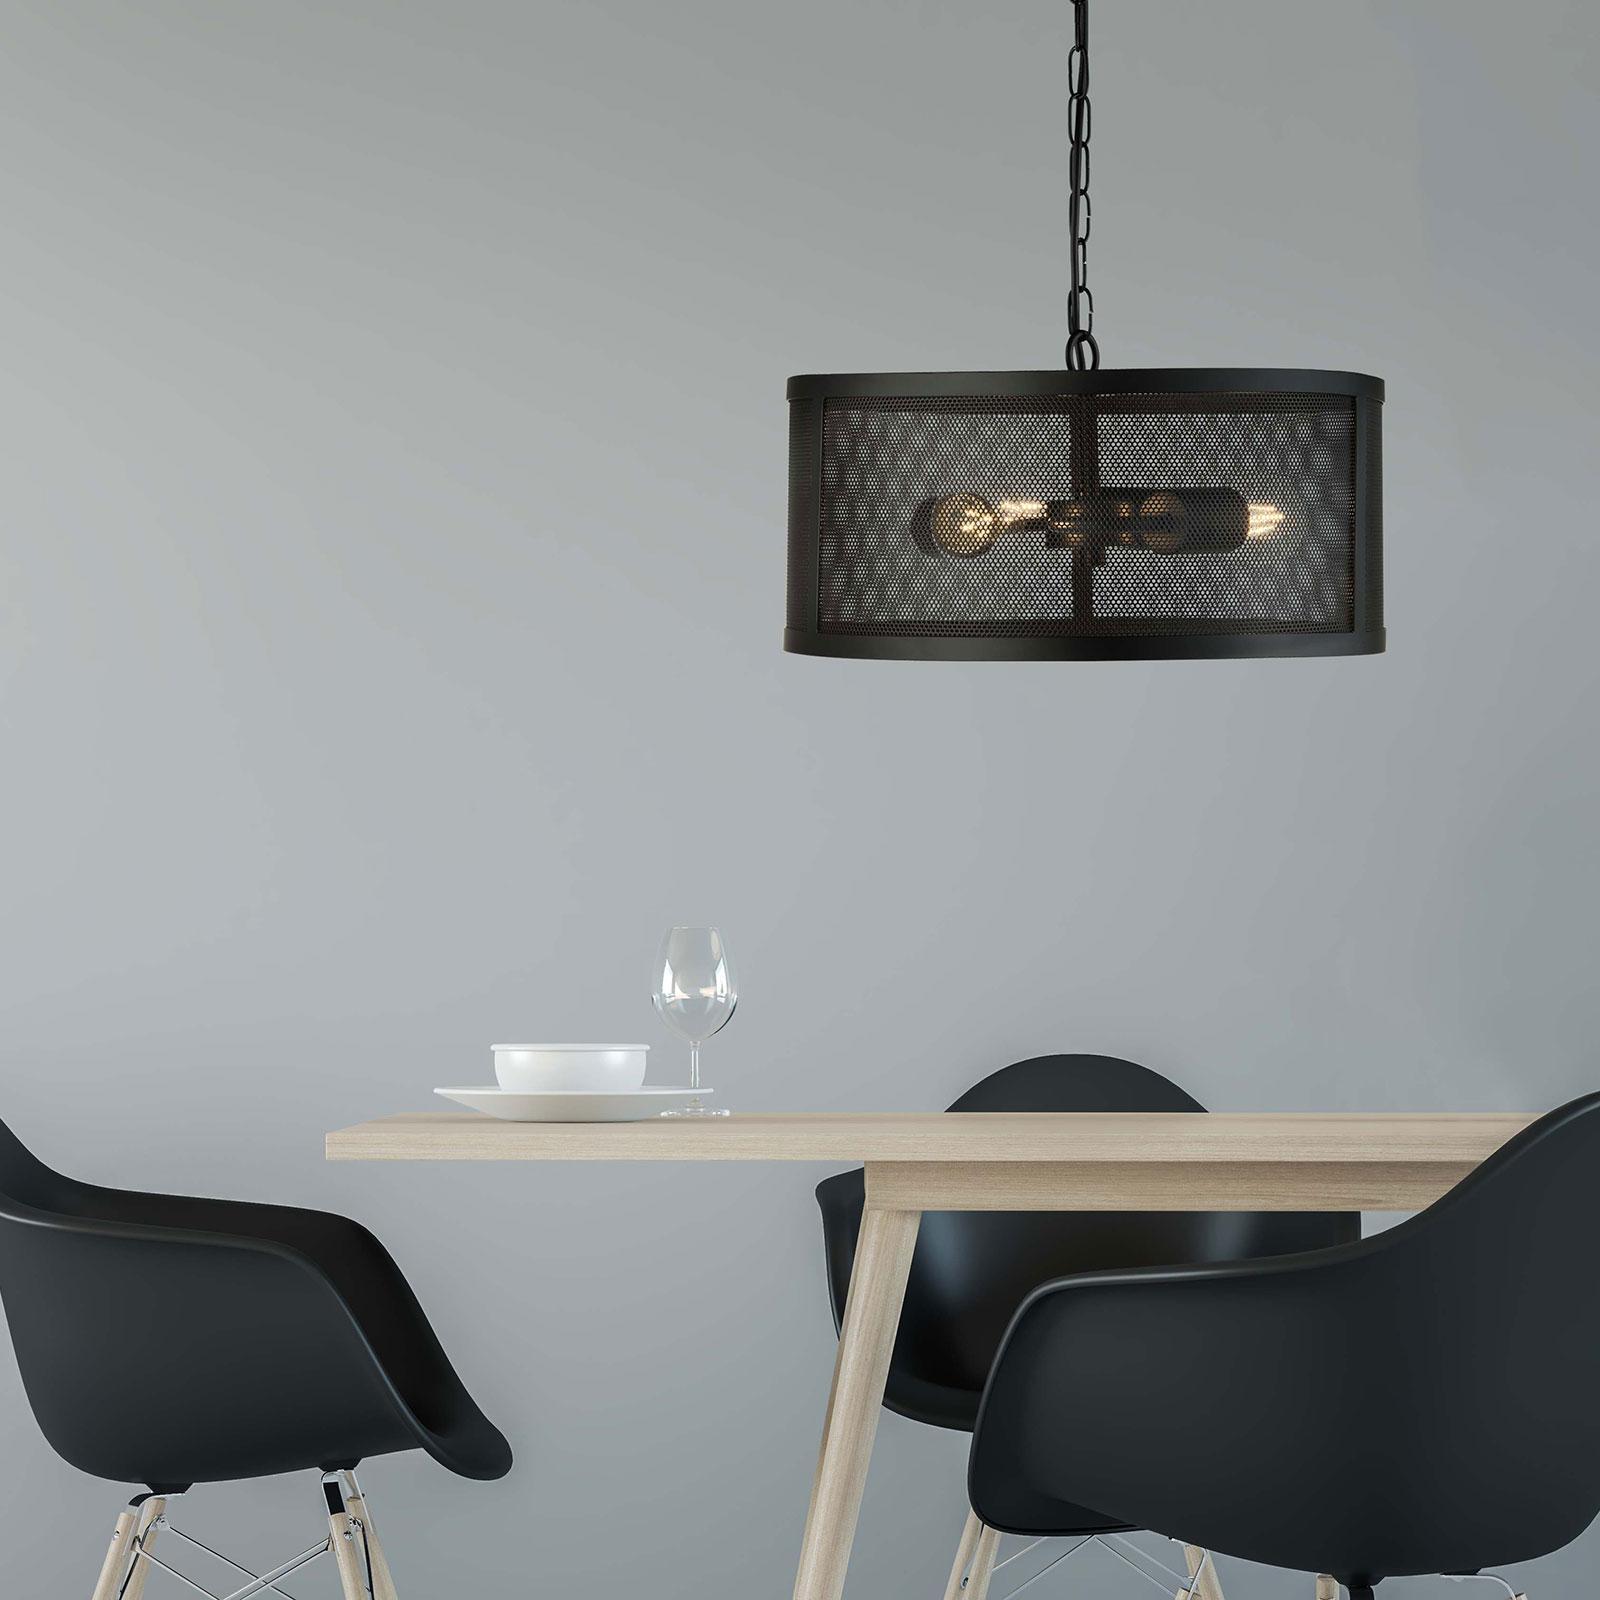 Hängeleuchte Fishnet aus Metall in Schwarz Ø 45 cm